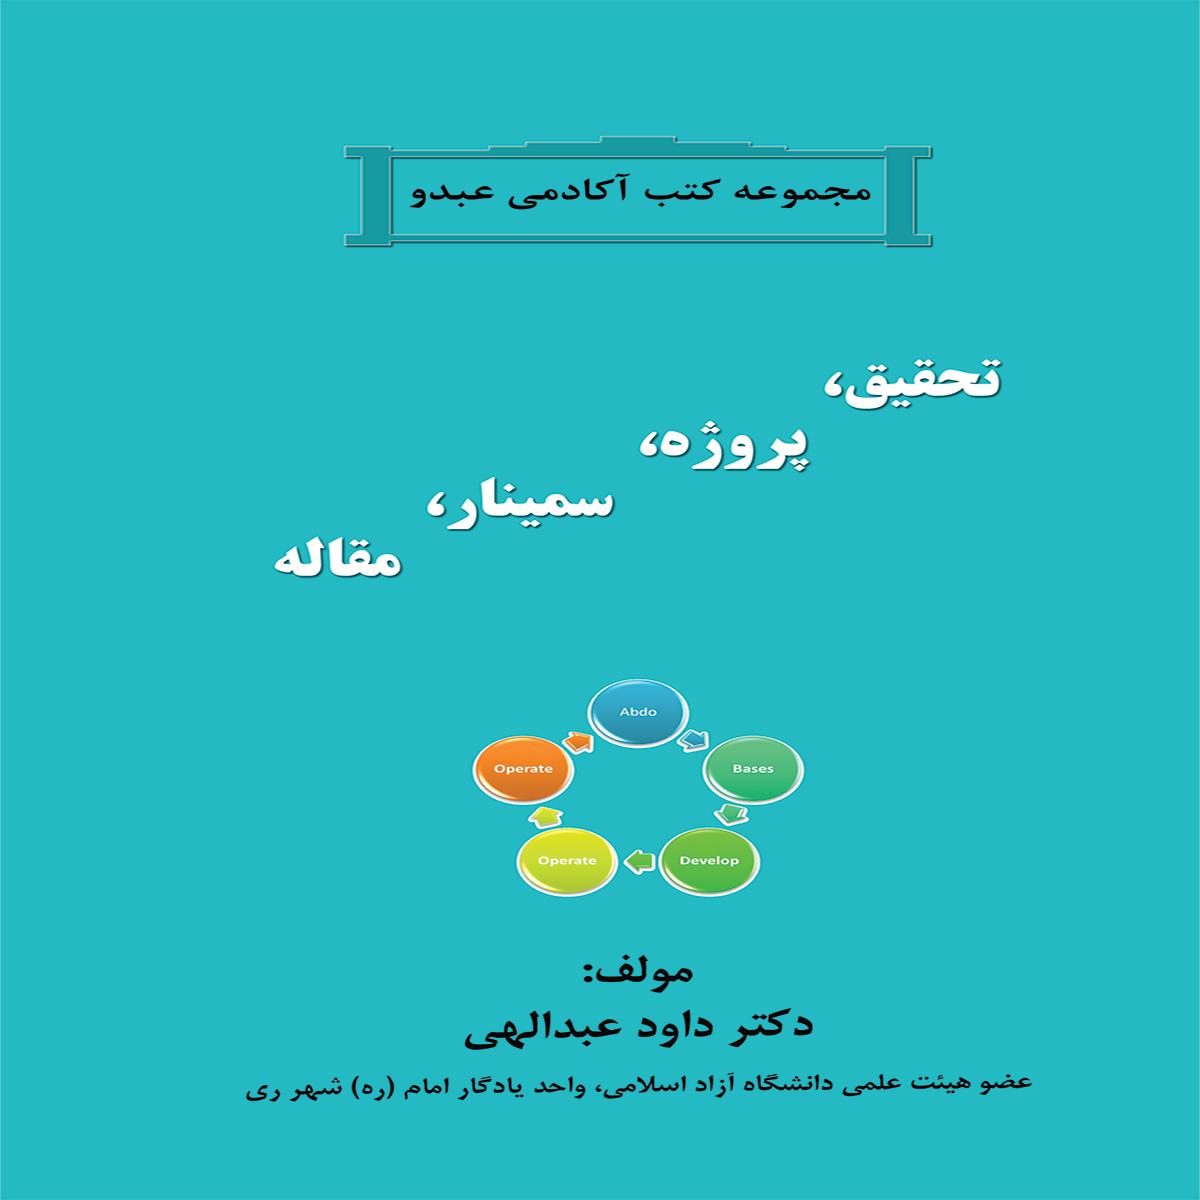 کتاب چاپی تحقیق،پروژه،سمینار،مقاله اثر دکتر داود عبدالهی انتشارات آفرینندگان